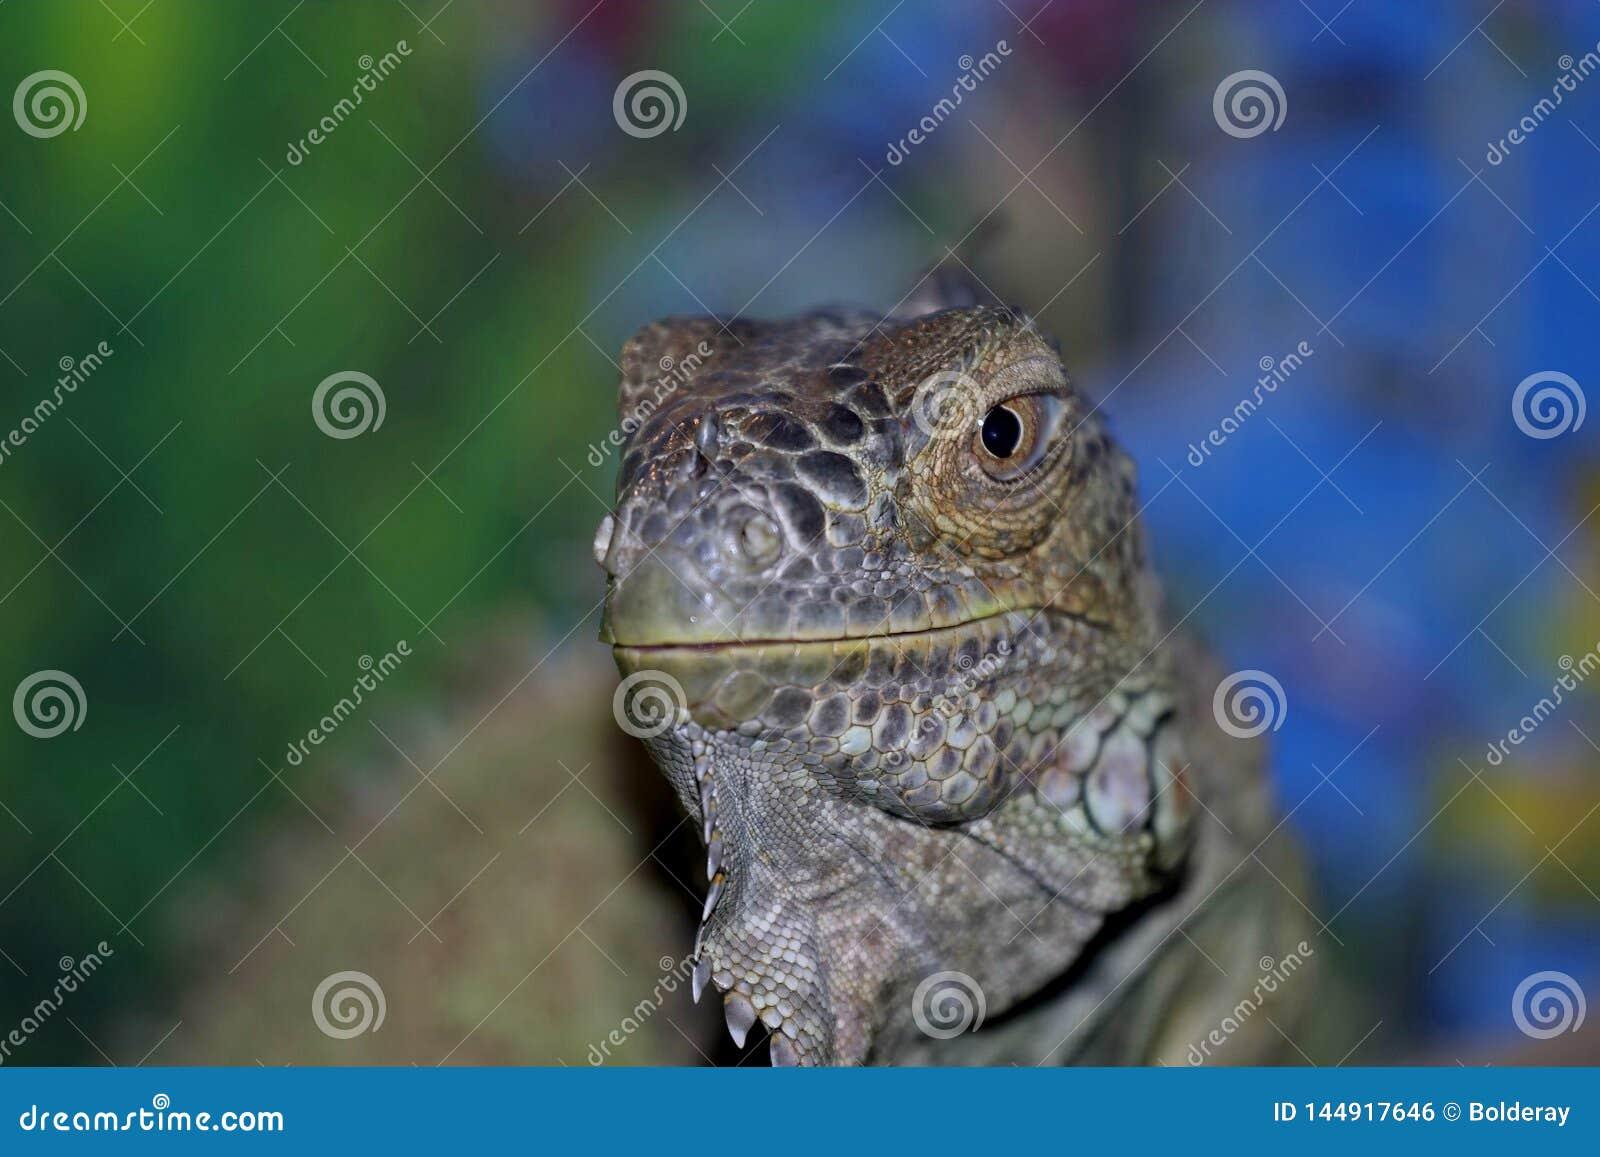 Uma iguana ordin?ria, ou uma iguana verde s?o um grande lagarto herb?voro, conduzindo uma vida arborizado di?ria Vive em Am?rica